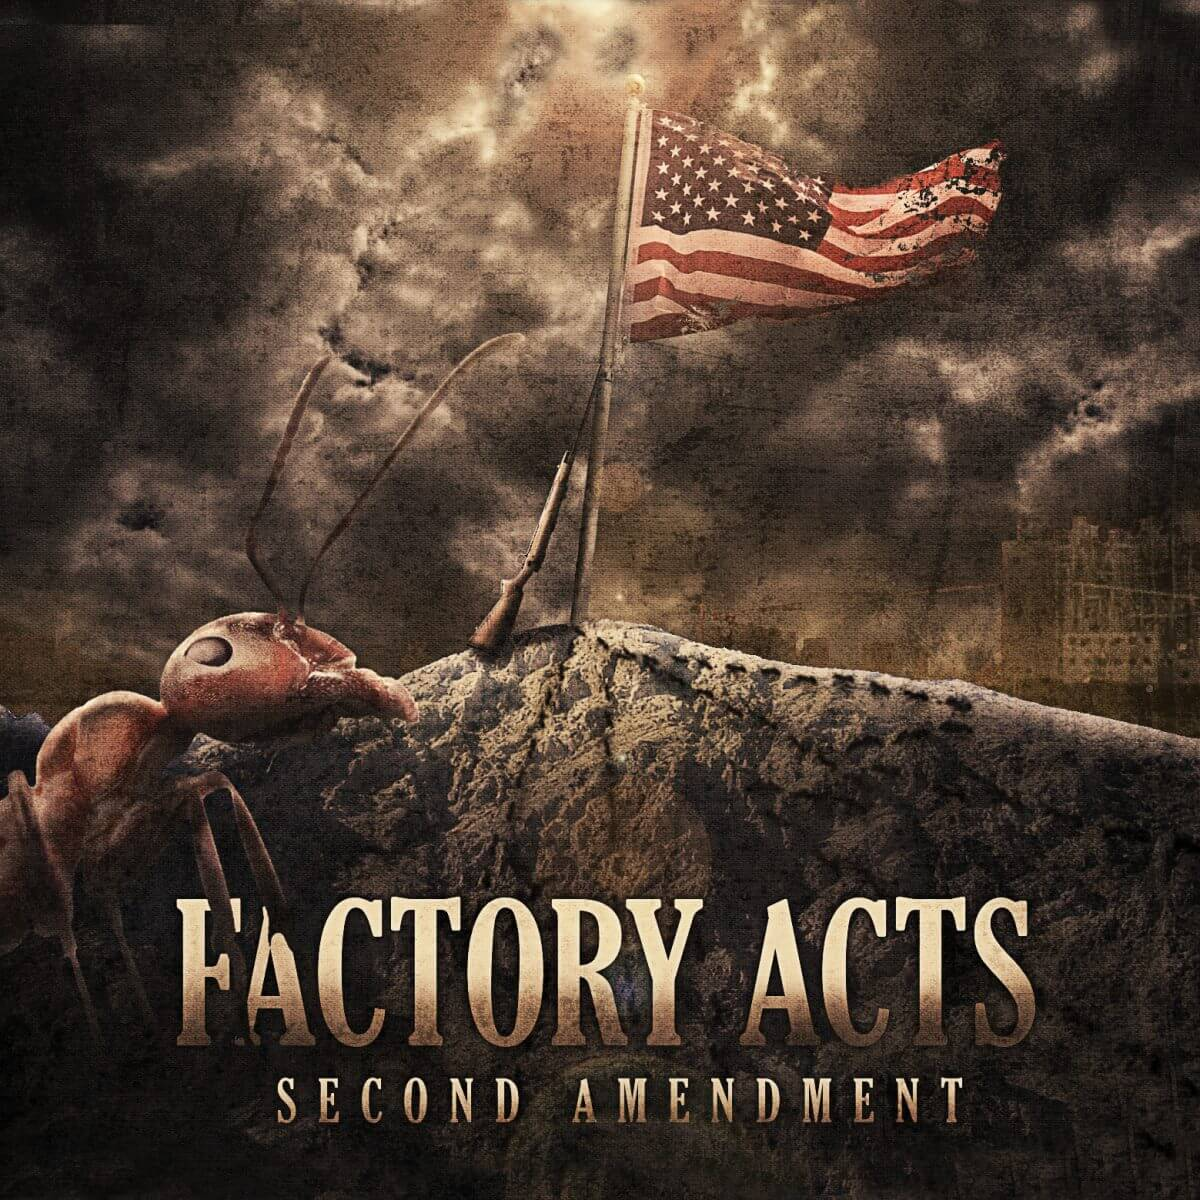 Factory Acts – Second Amendment